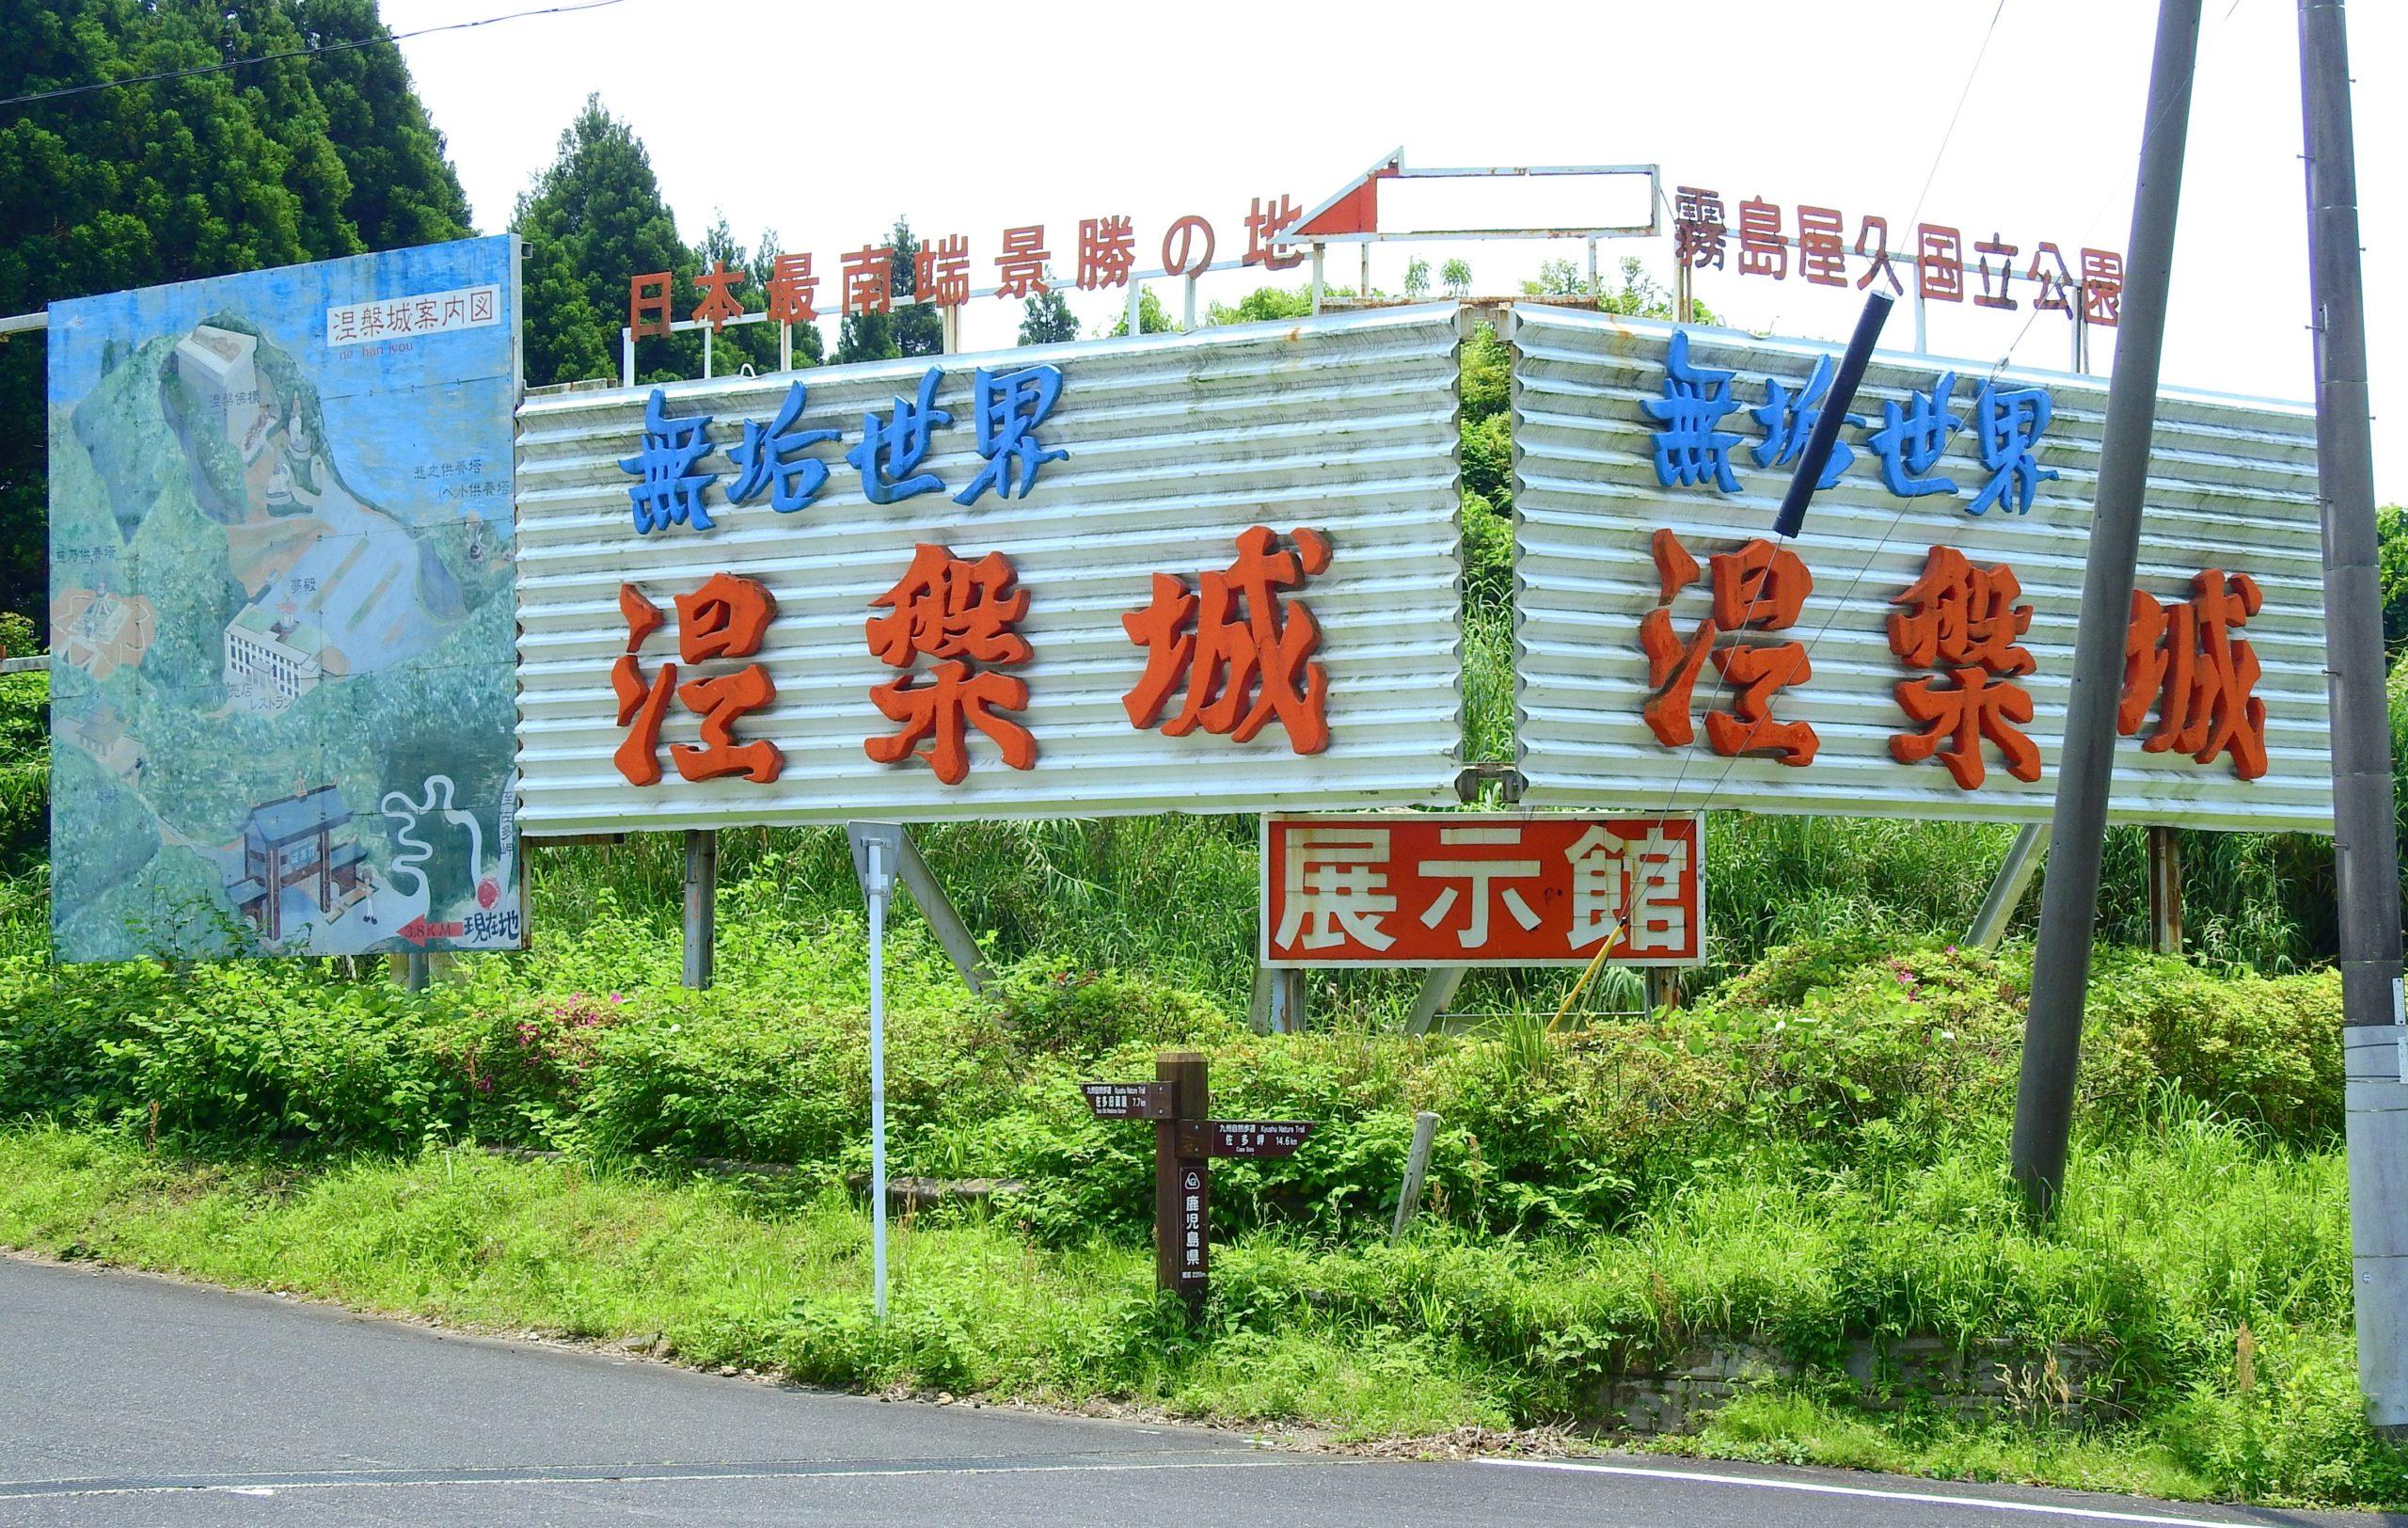 鹿児島県 涅槃城